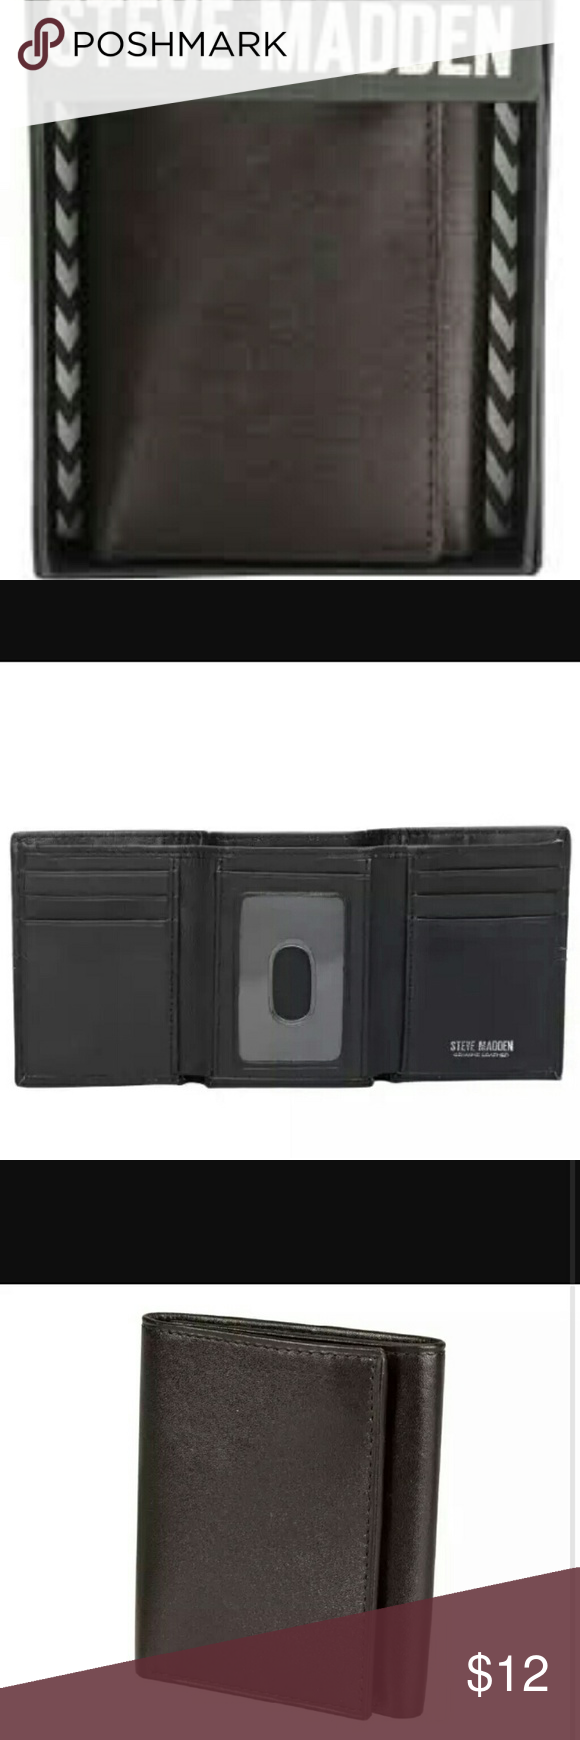 NIB Tri-fold Wallet New In Box. Steve Madden Tri-fold Wallet Steve Madden Accessories Money Clips